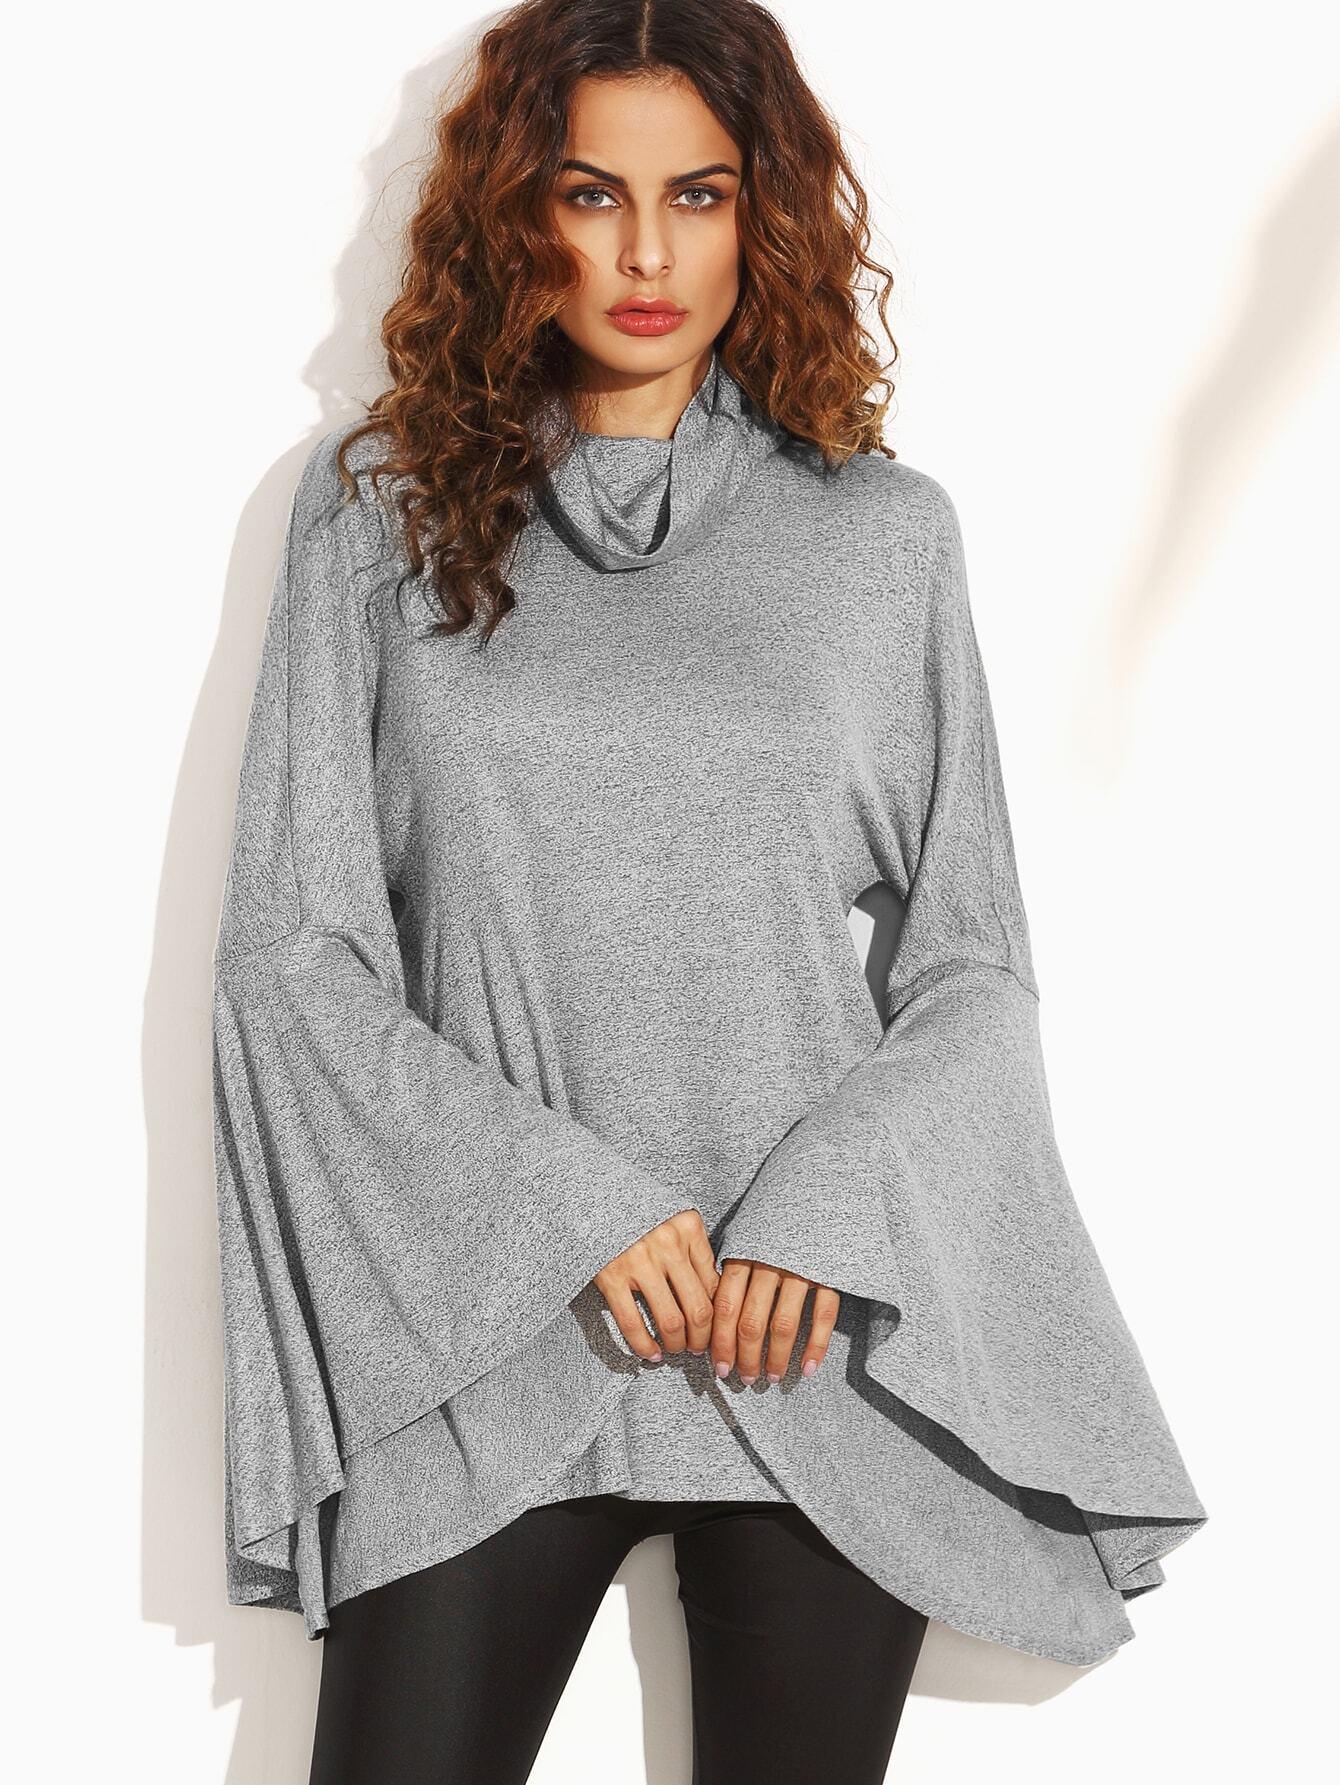 Grey Cowl Neck Split Back Bell Sleeve SweatshirtGrey Cowl Neck Split Back Bell Sleeve Sweatshirt<br><br>color: Grey<br>size: L,S,XS